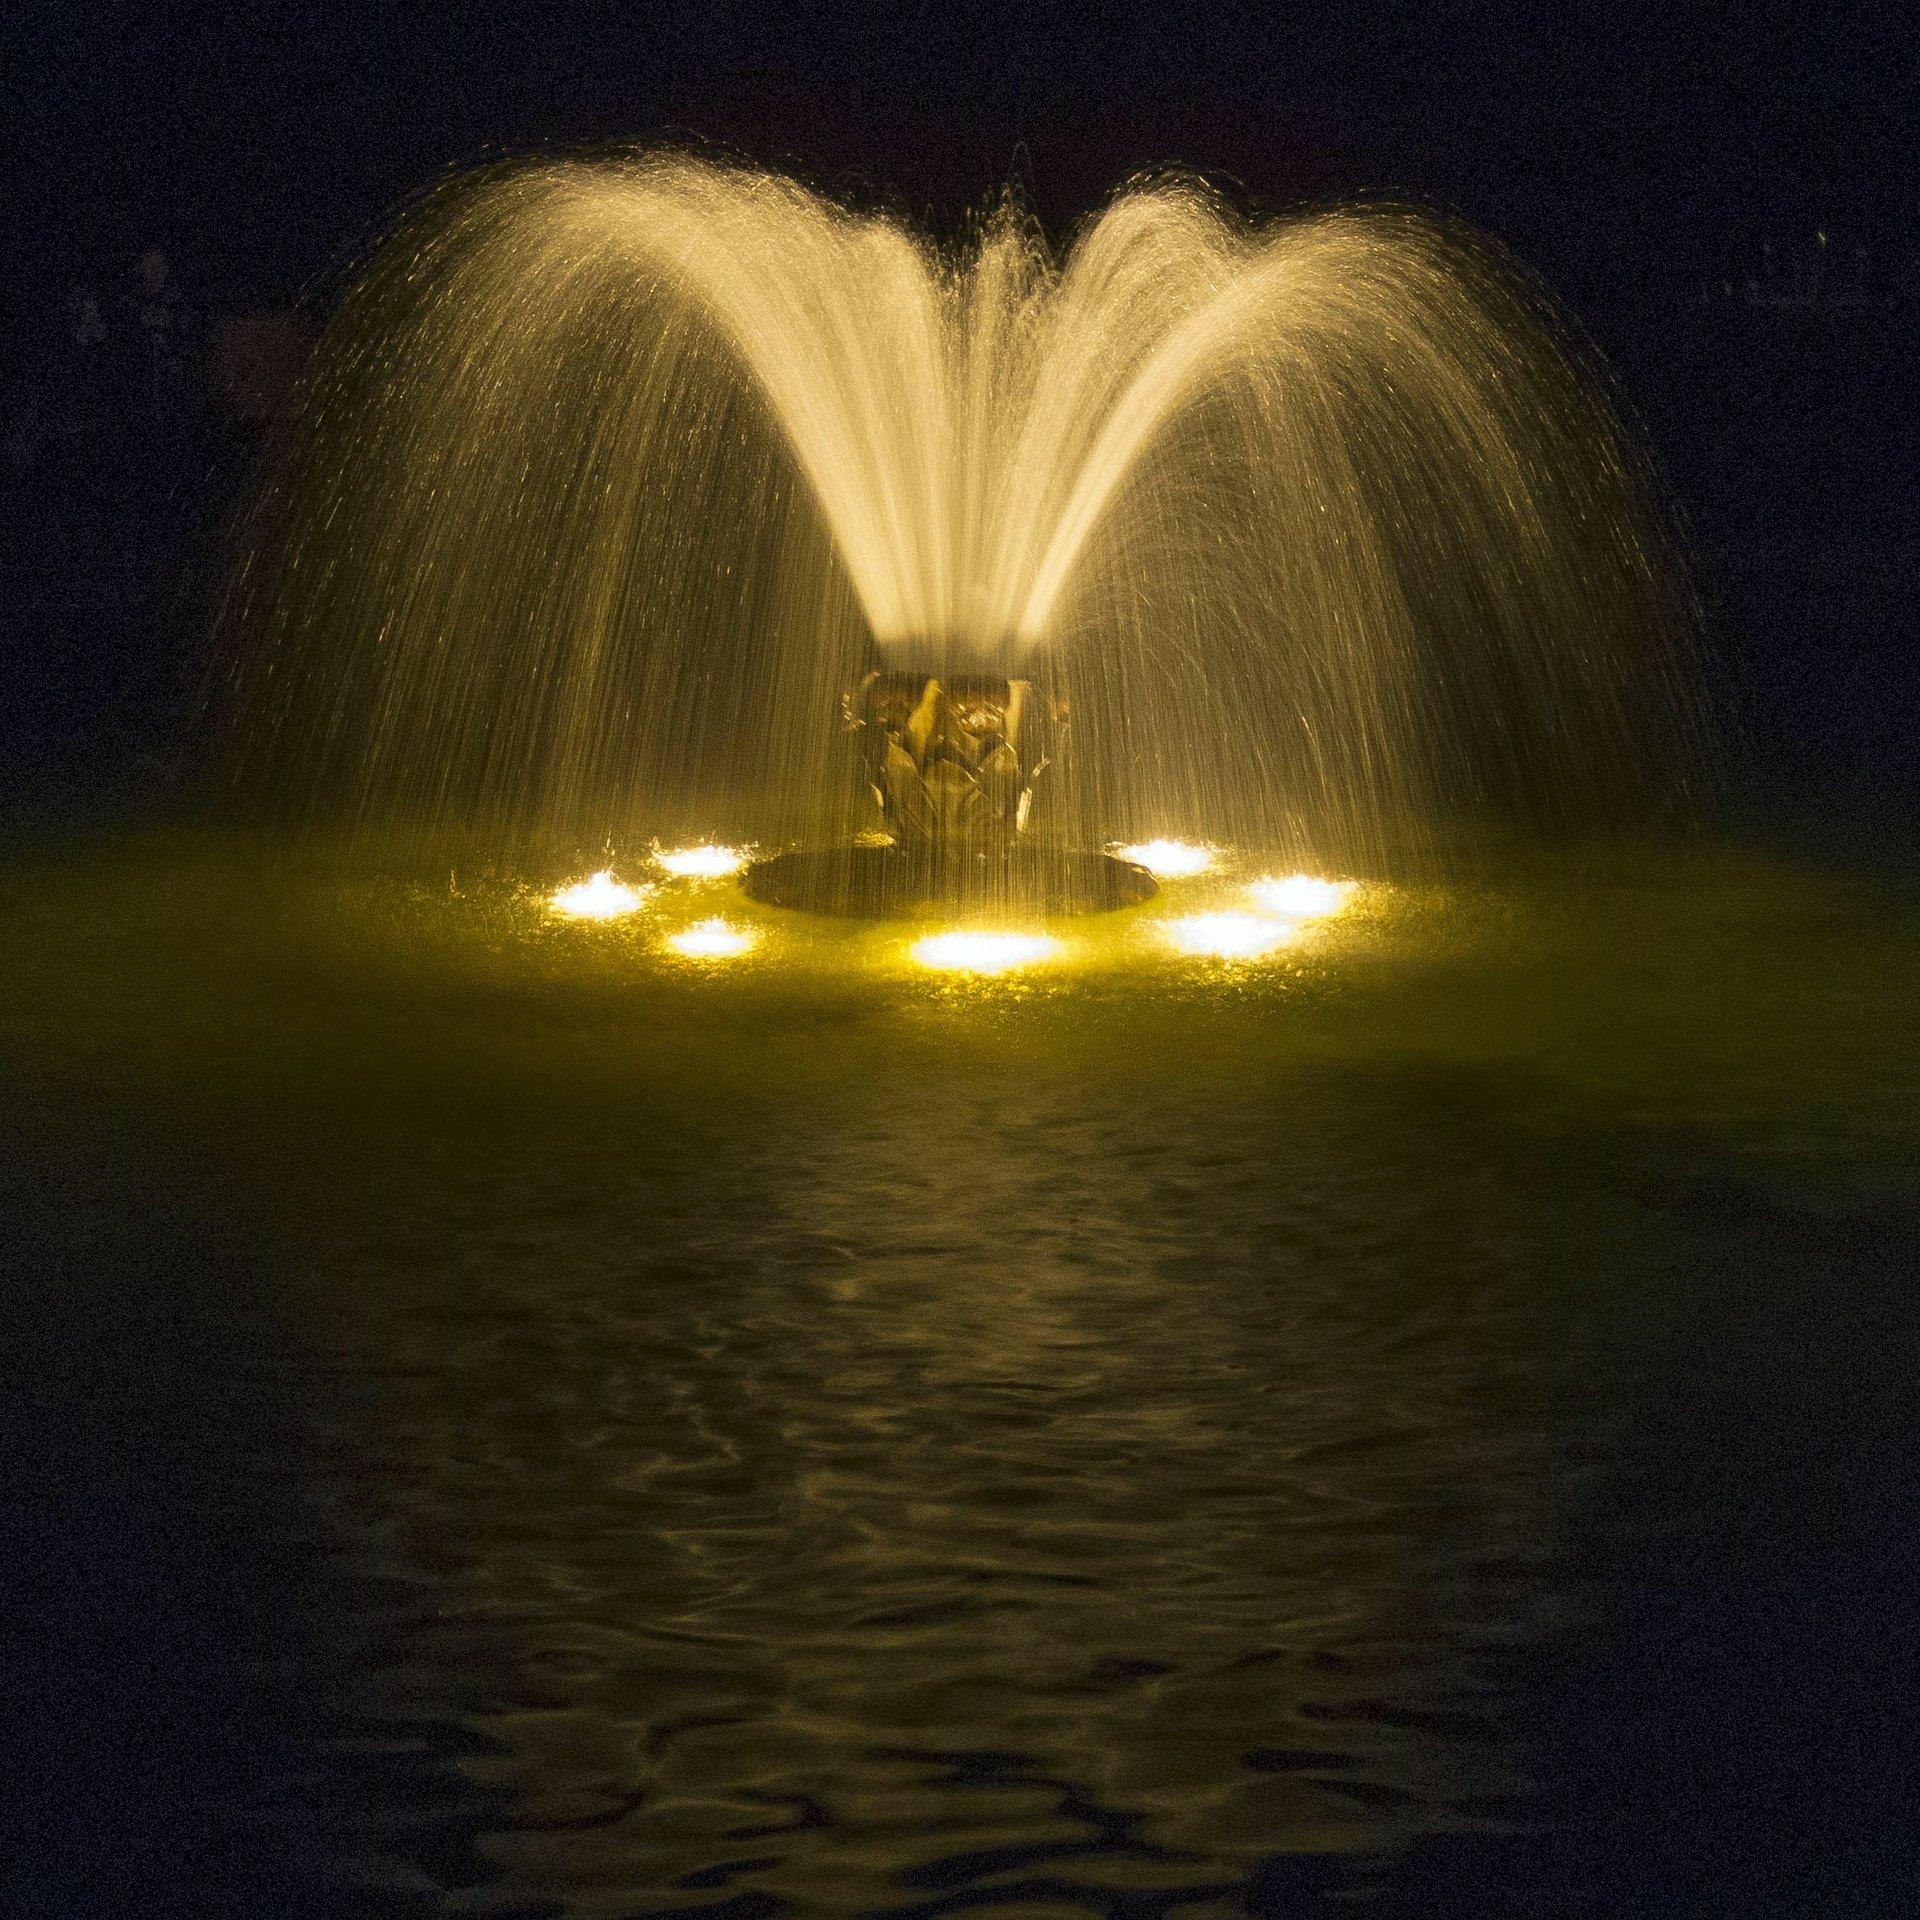 Illumination: Sternfontaine